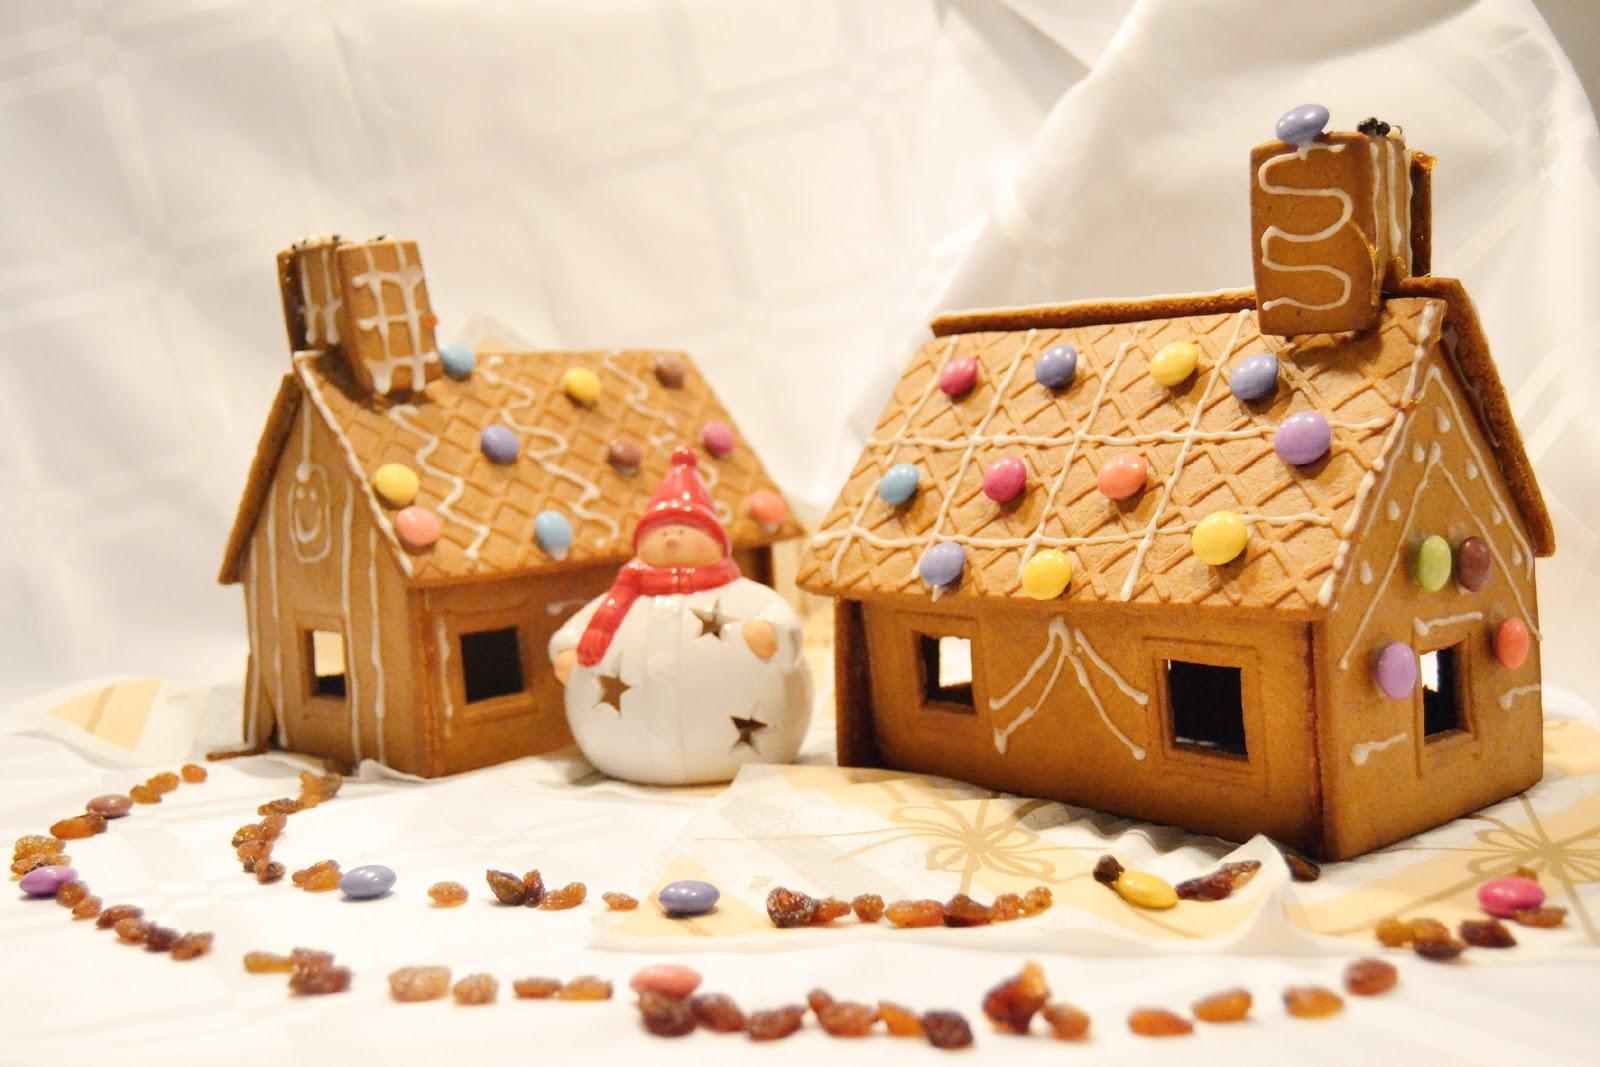 Casetta Di Natale Con Biscotti : Casetta natalizia di biscotti confidenze culinarie